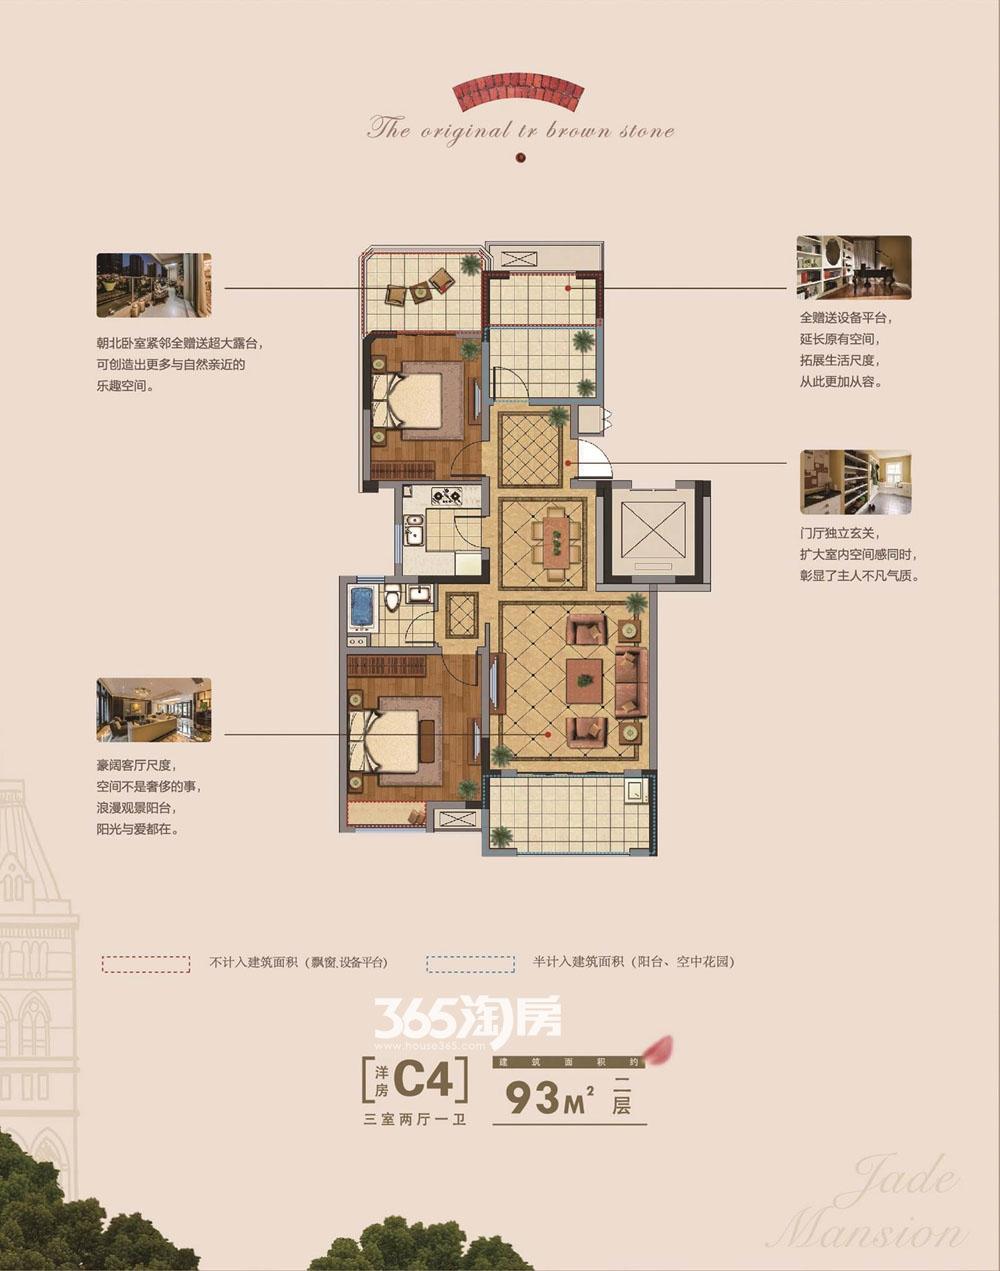 金大地翡翠公馆洋房C4户型图2+1室